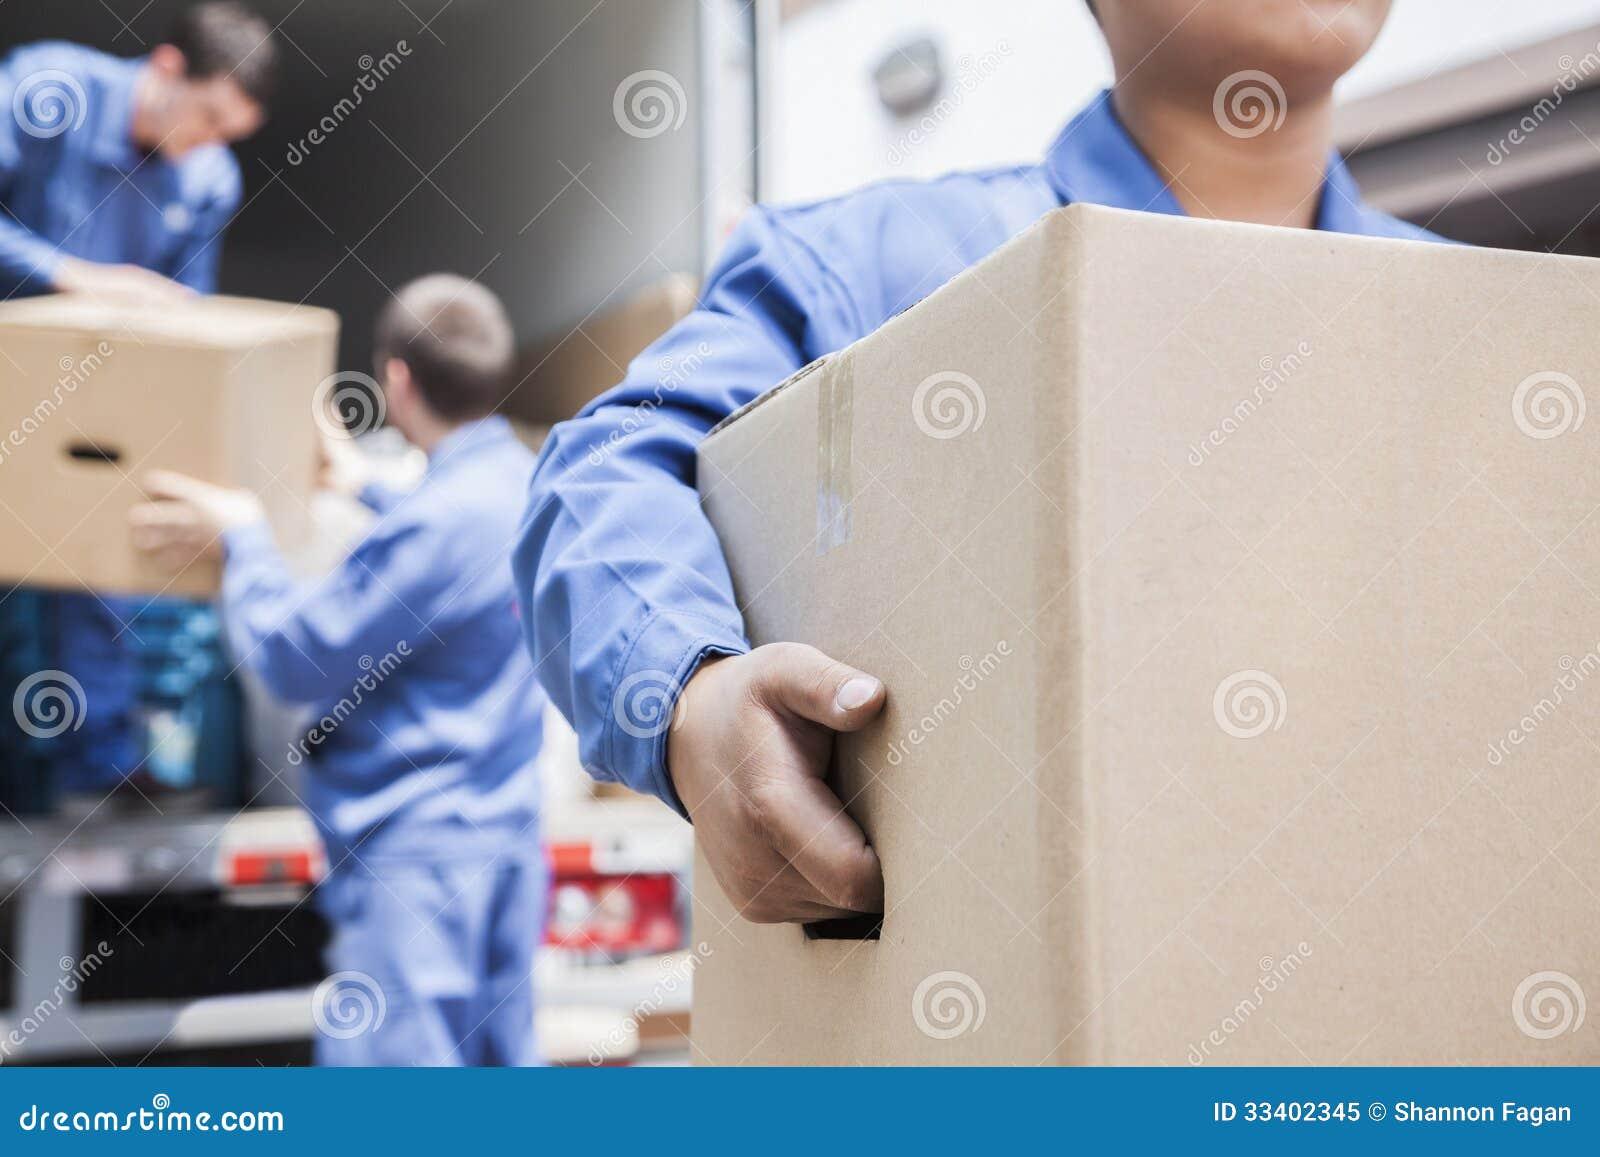 卸载一辆移动货车的搬家工人